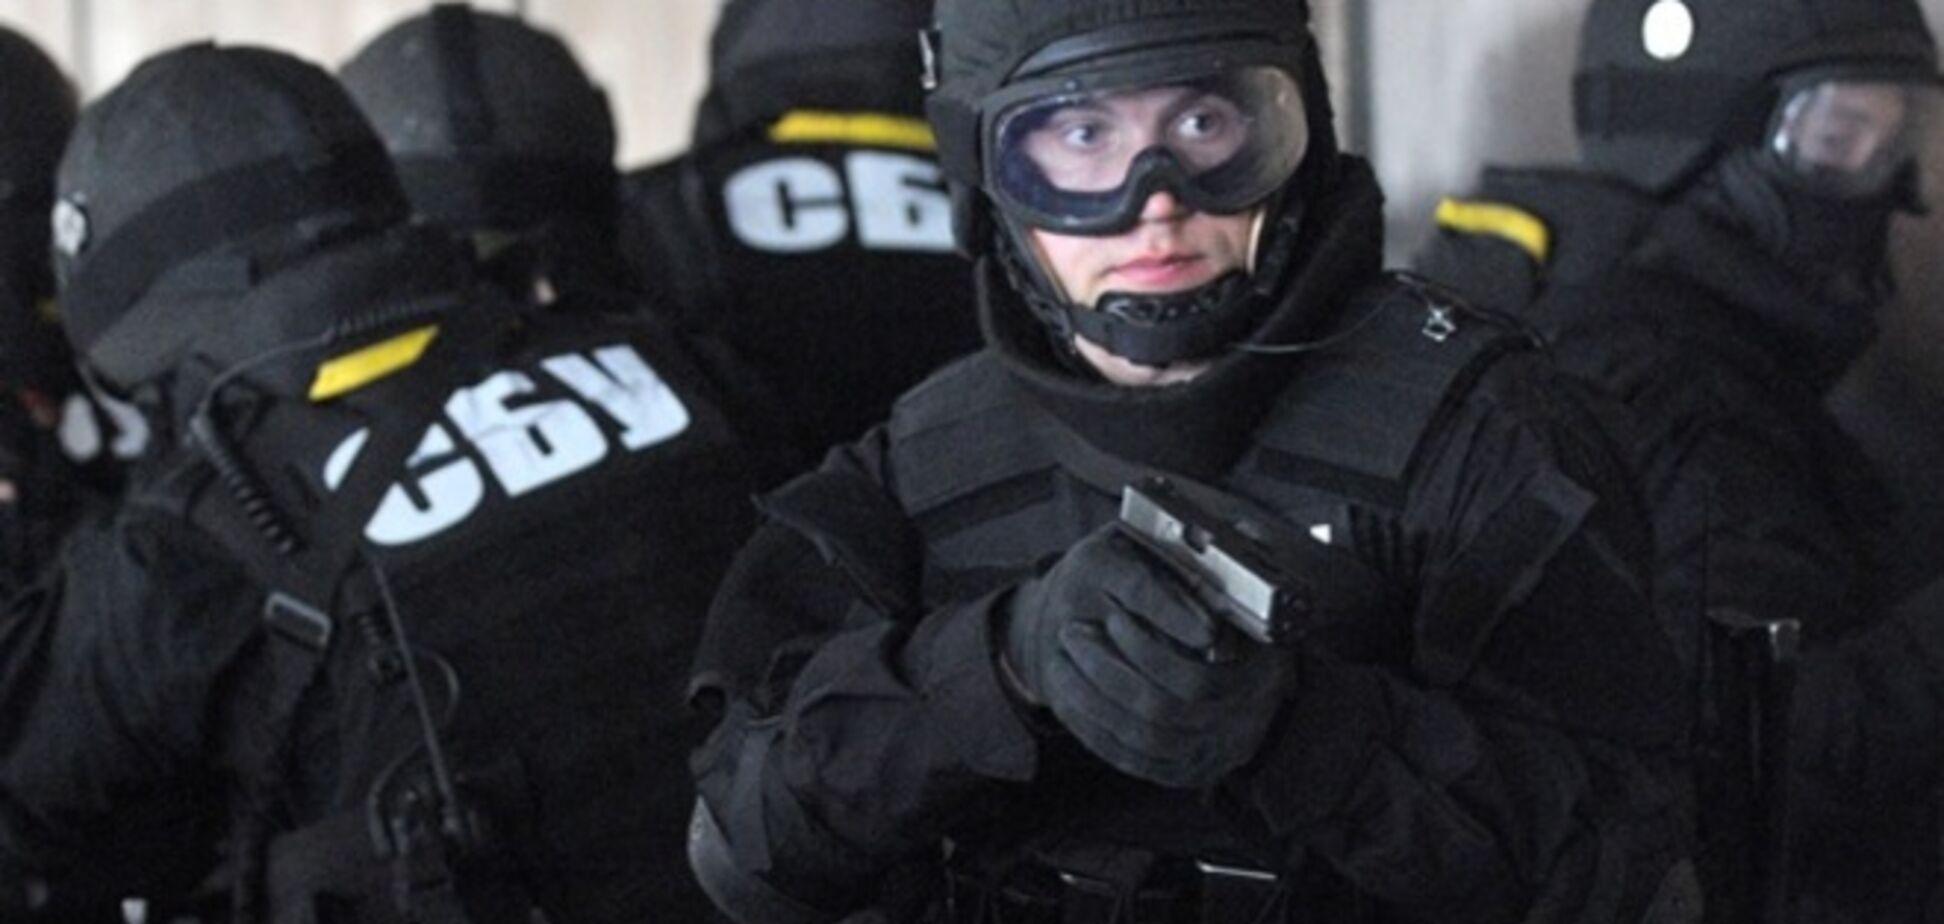 СБУ раскрыла сеть информаторов террористов: задержаны восемь 'разведчиков'